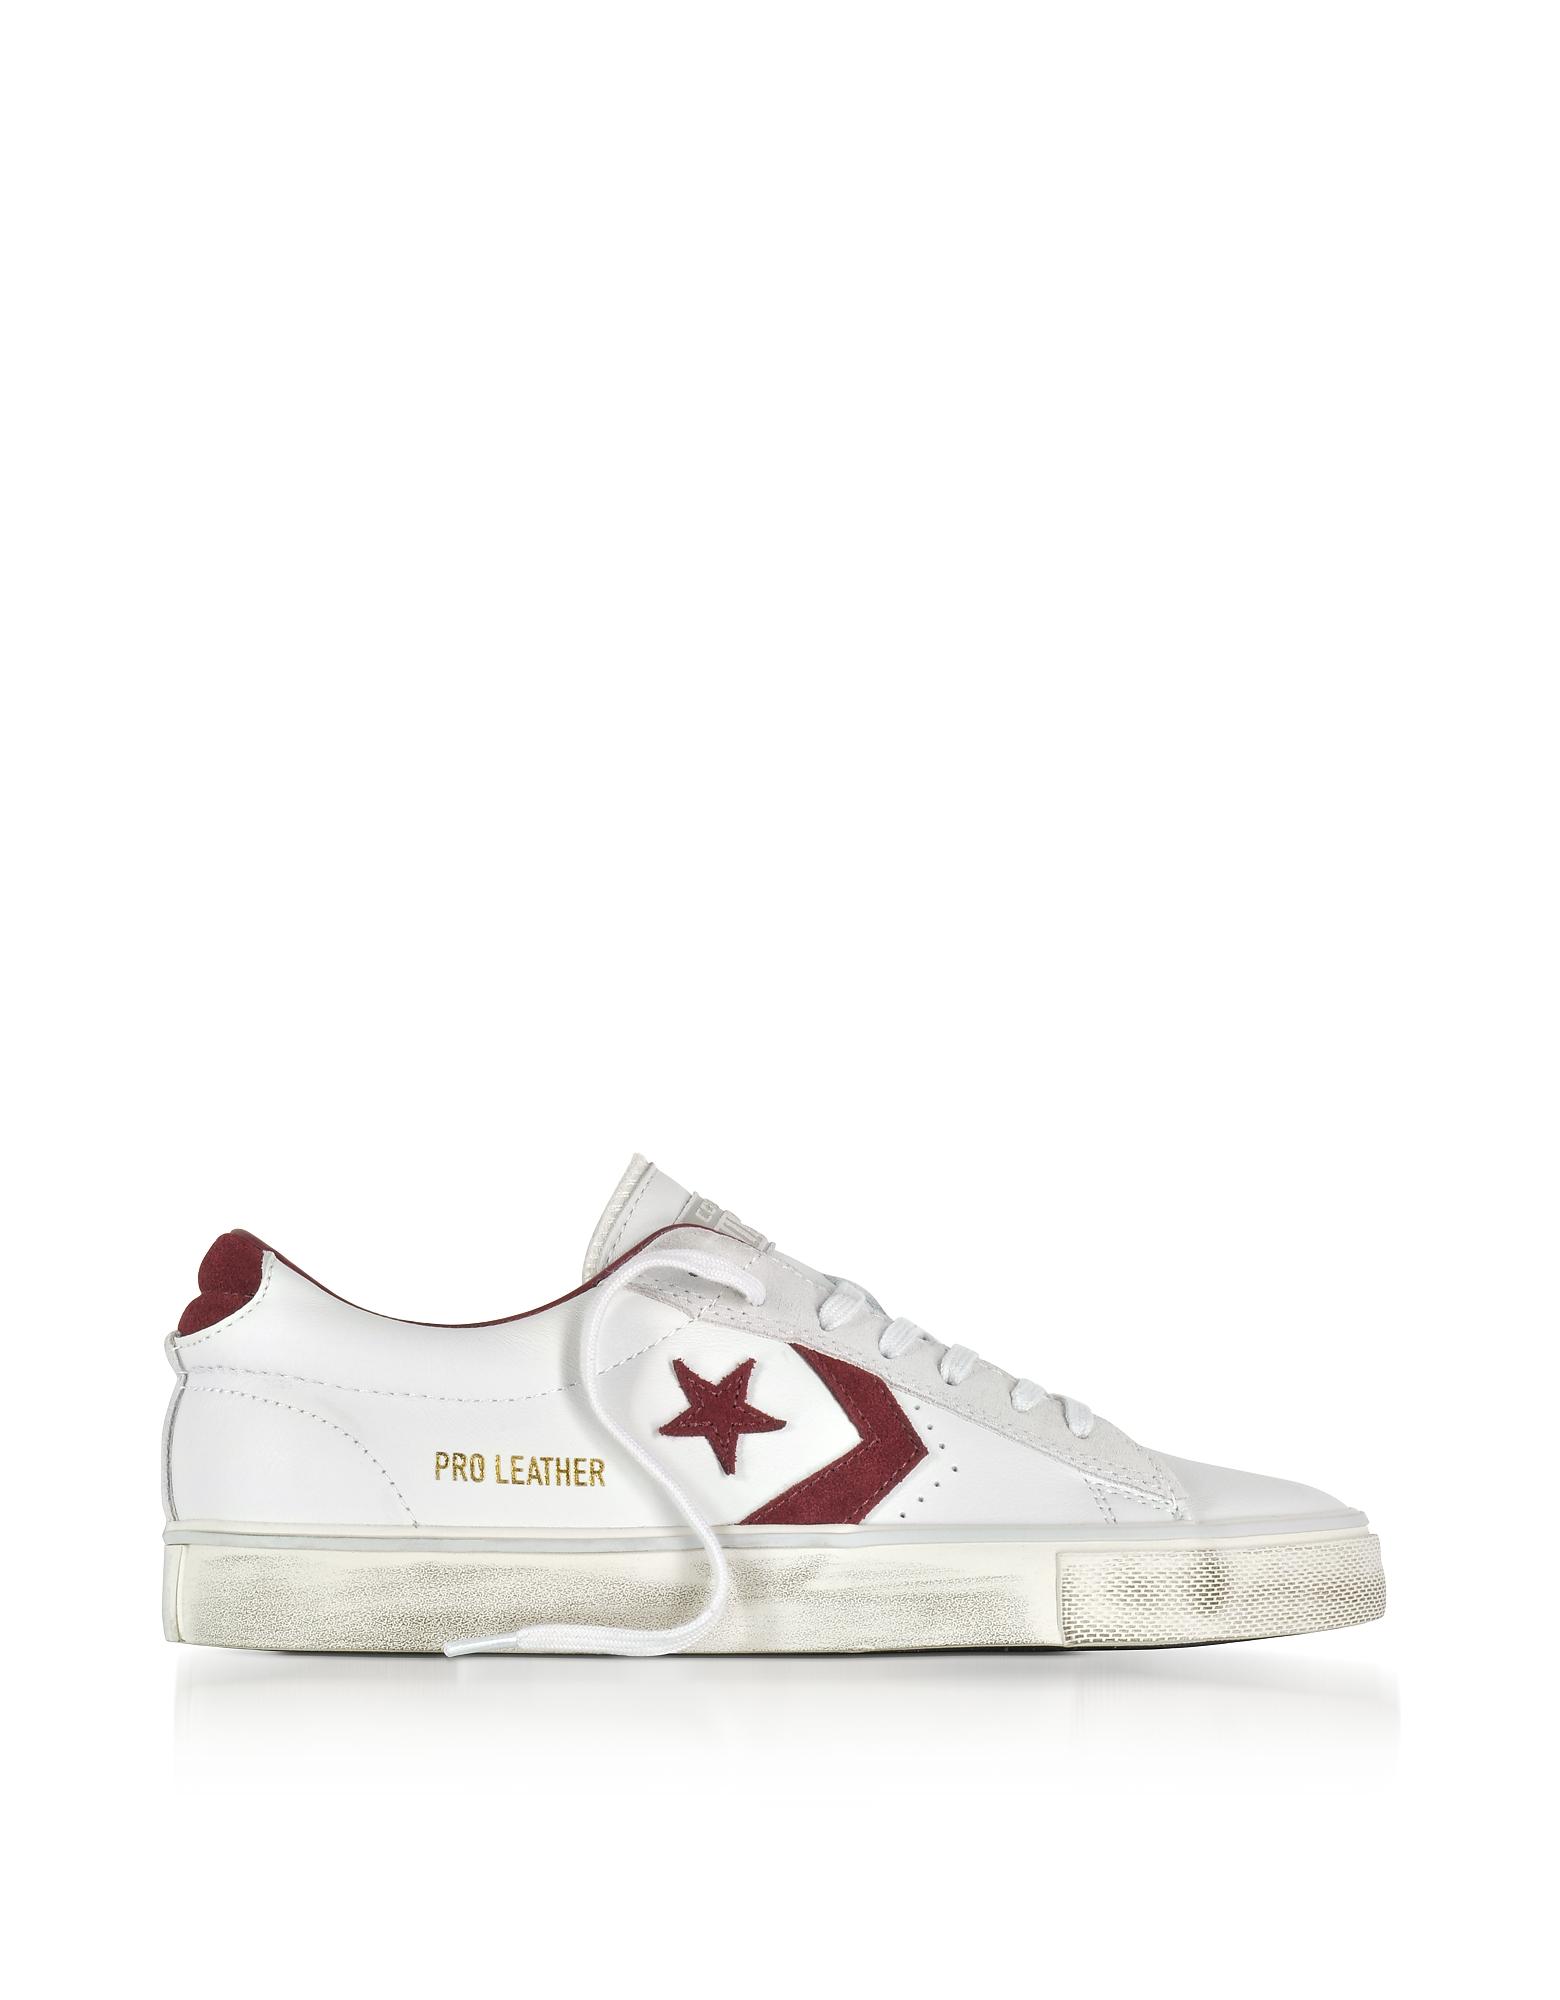 Pro Leather Vulc - Низкие Белые Кожаные Кроссовки